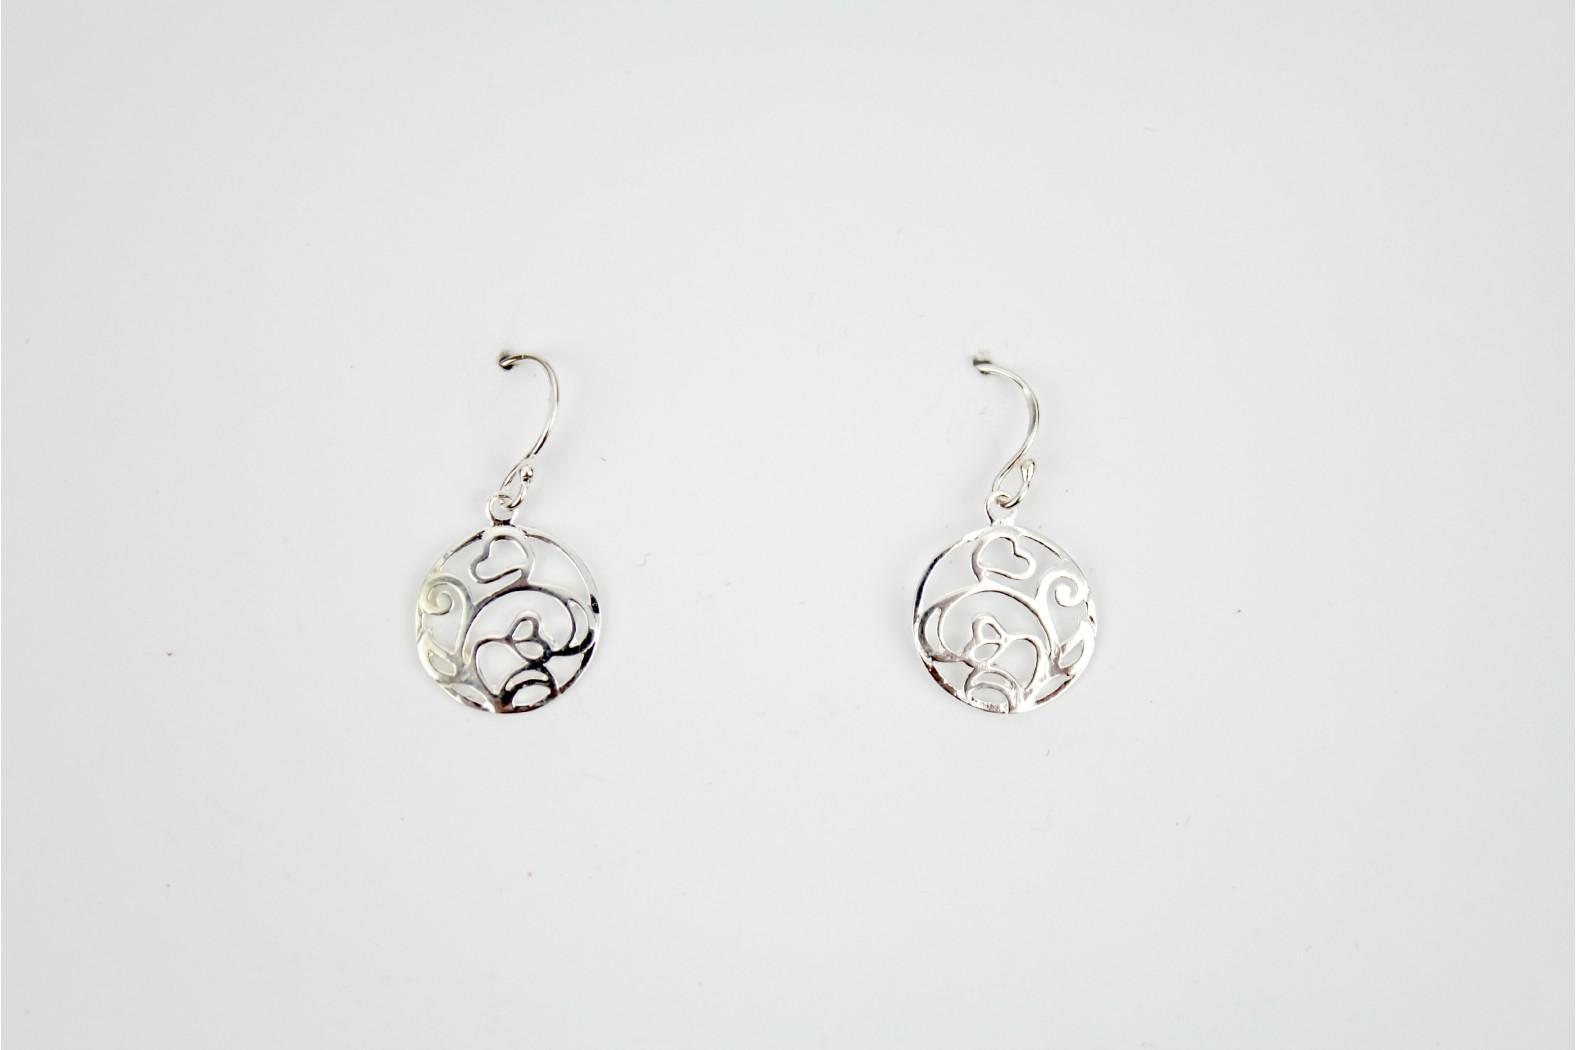 Contemporary circular floral design silver detailing